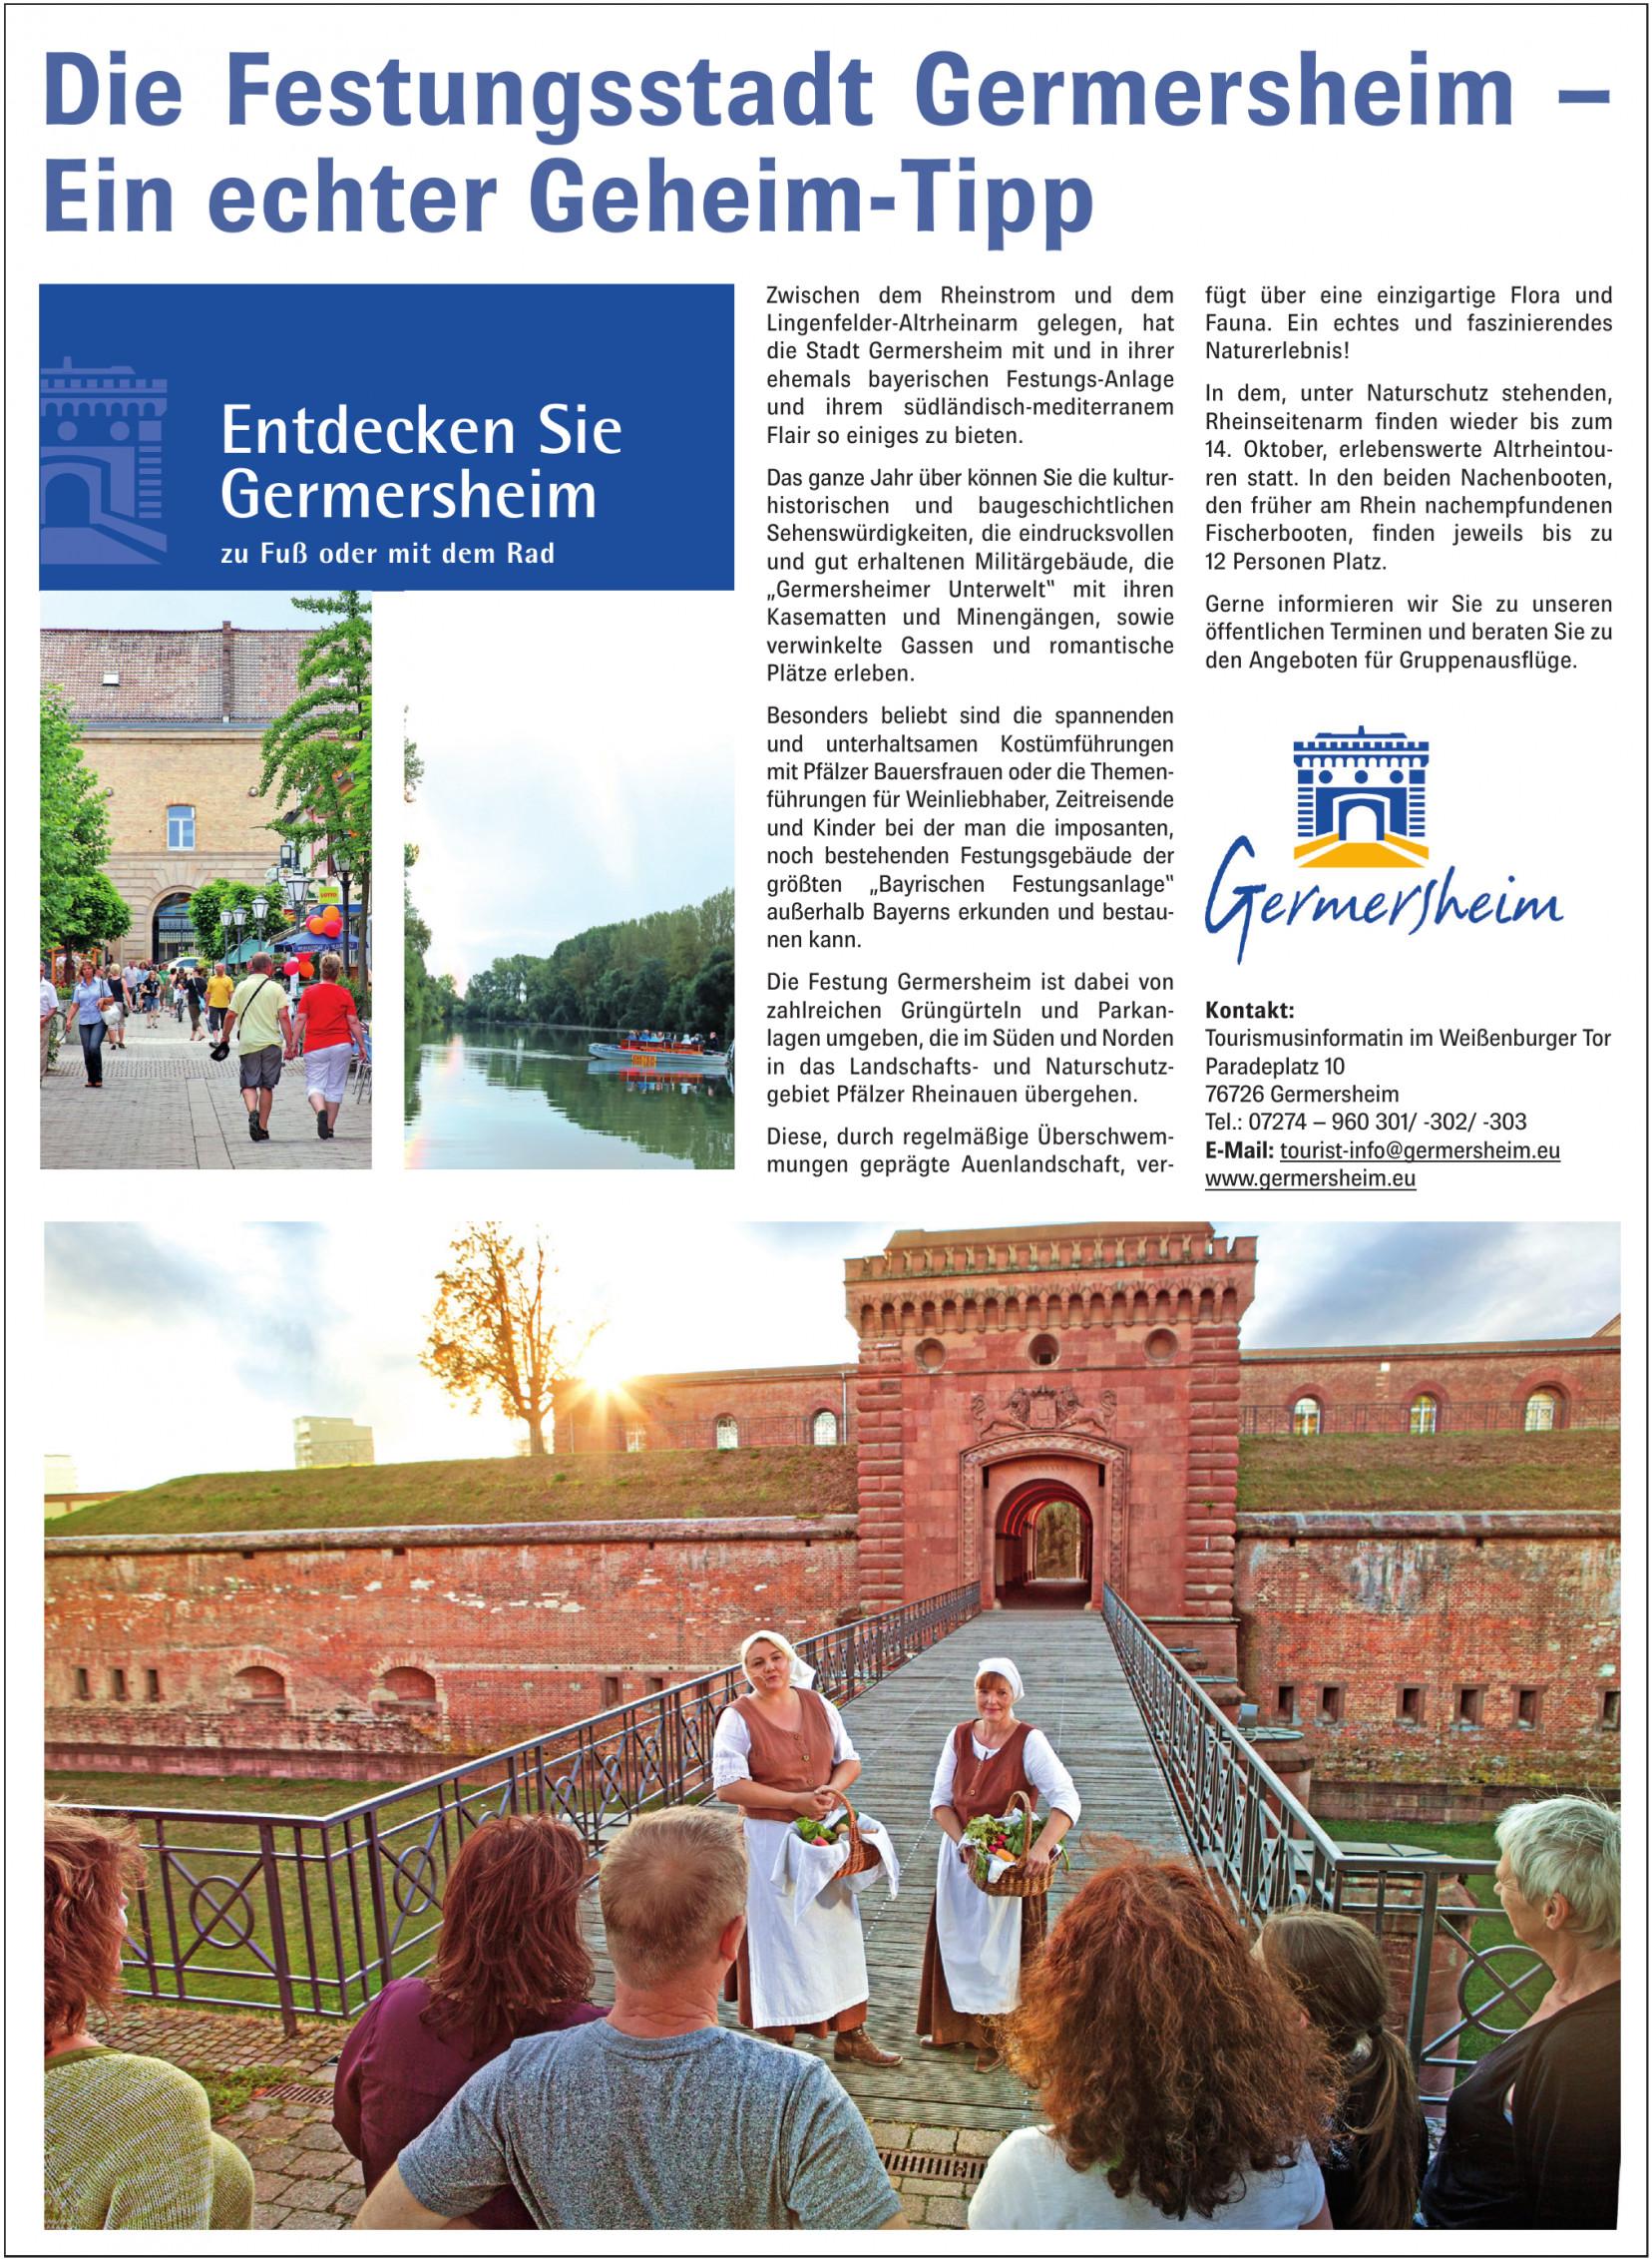 Tourismusinformatin im Weißenburger Tor